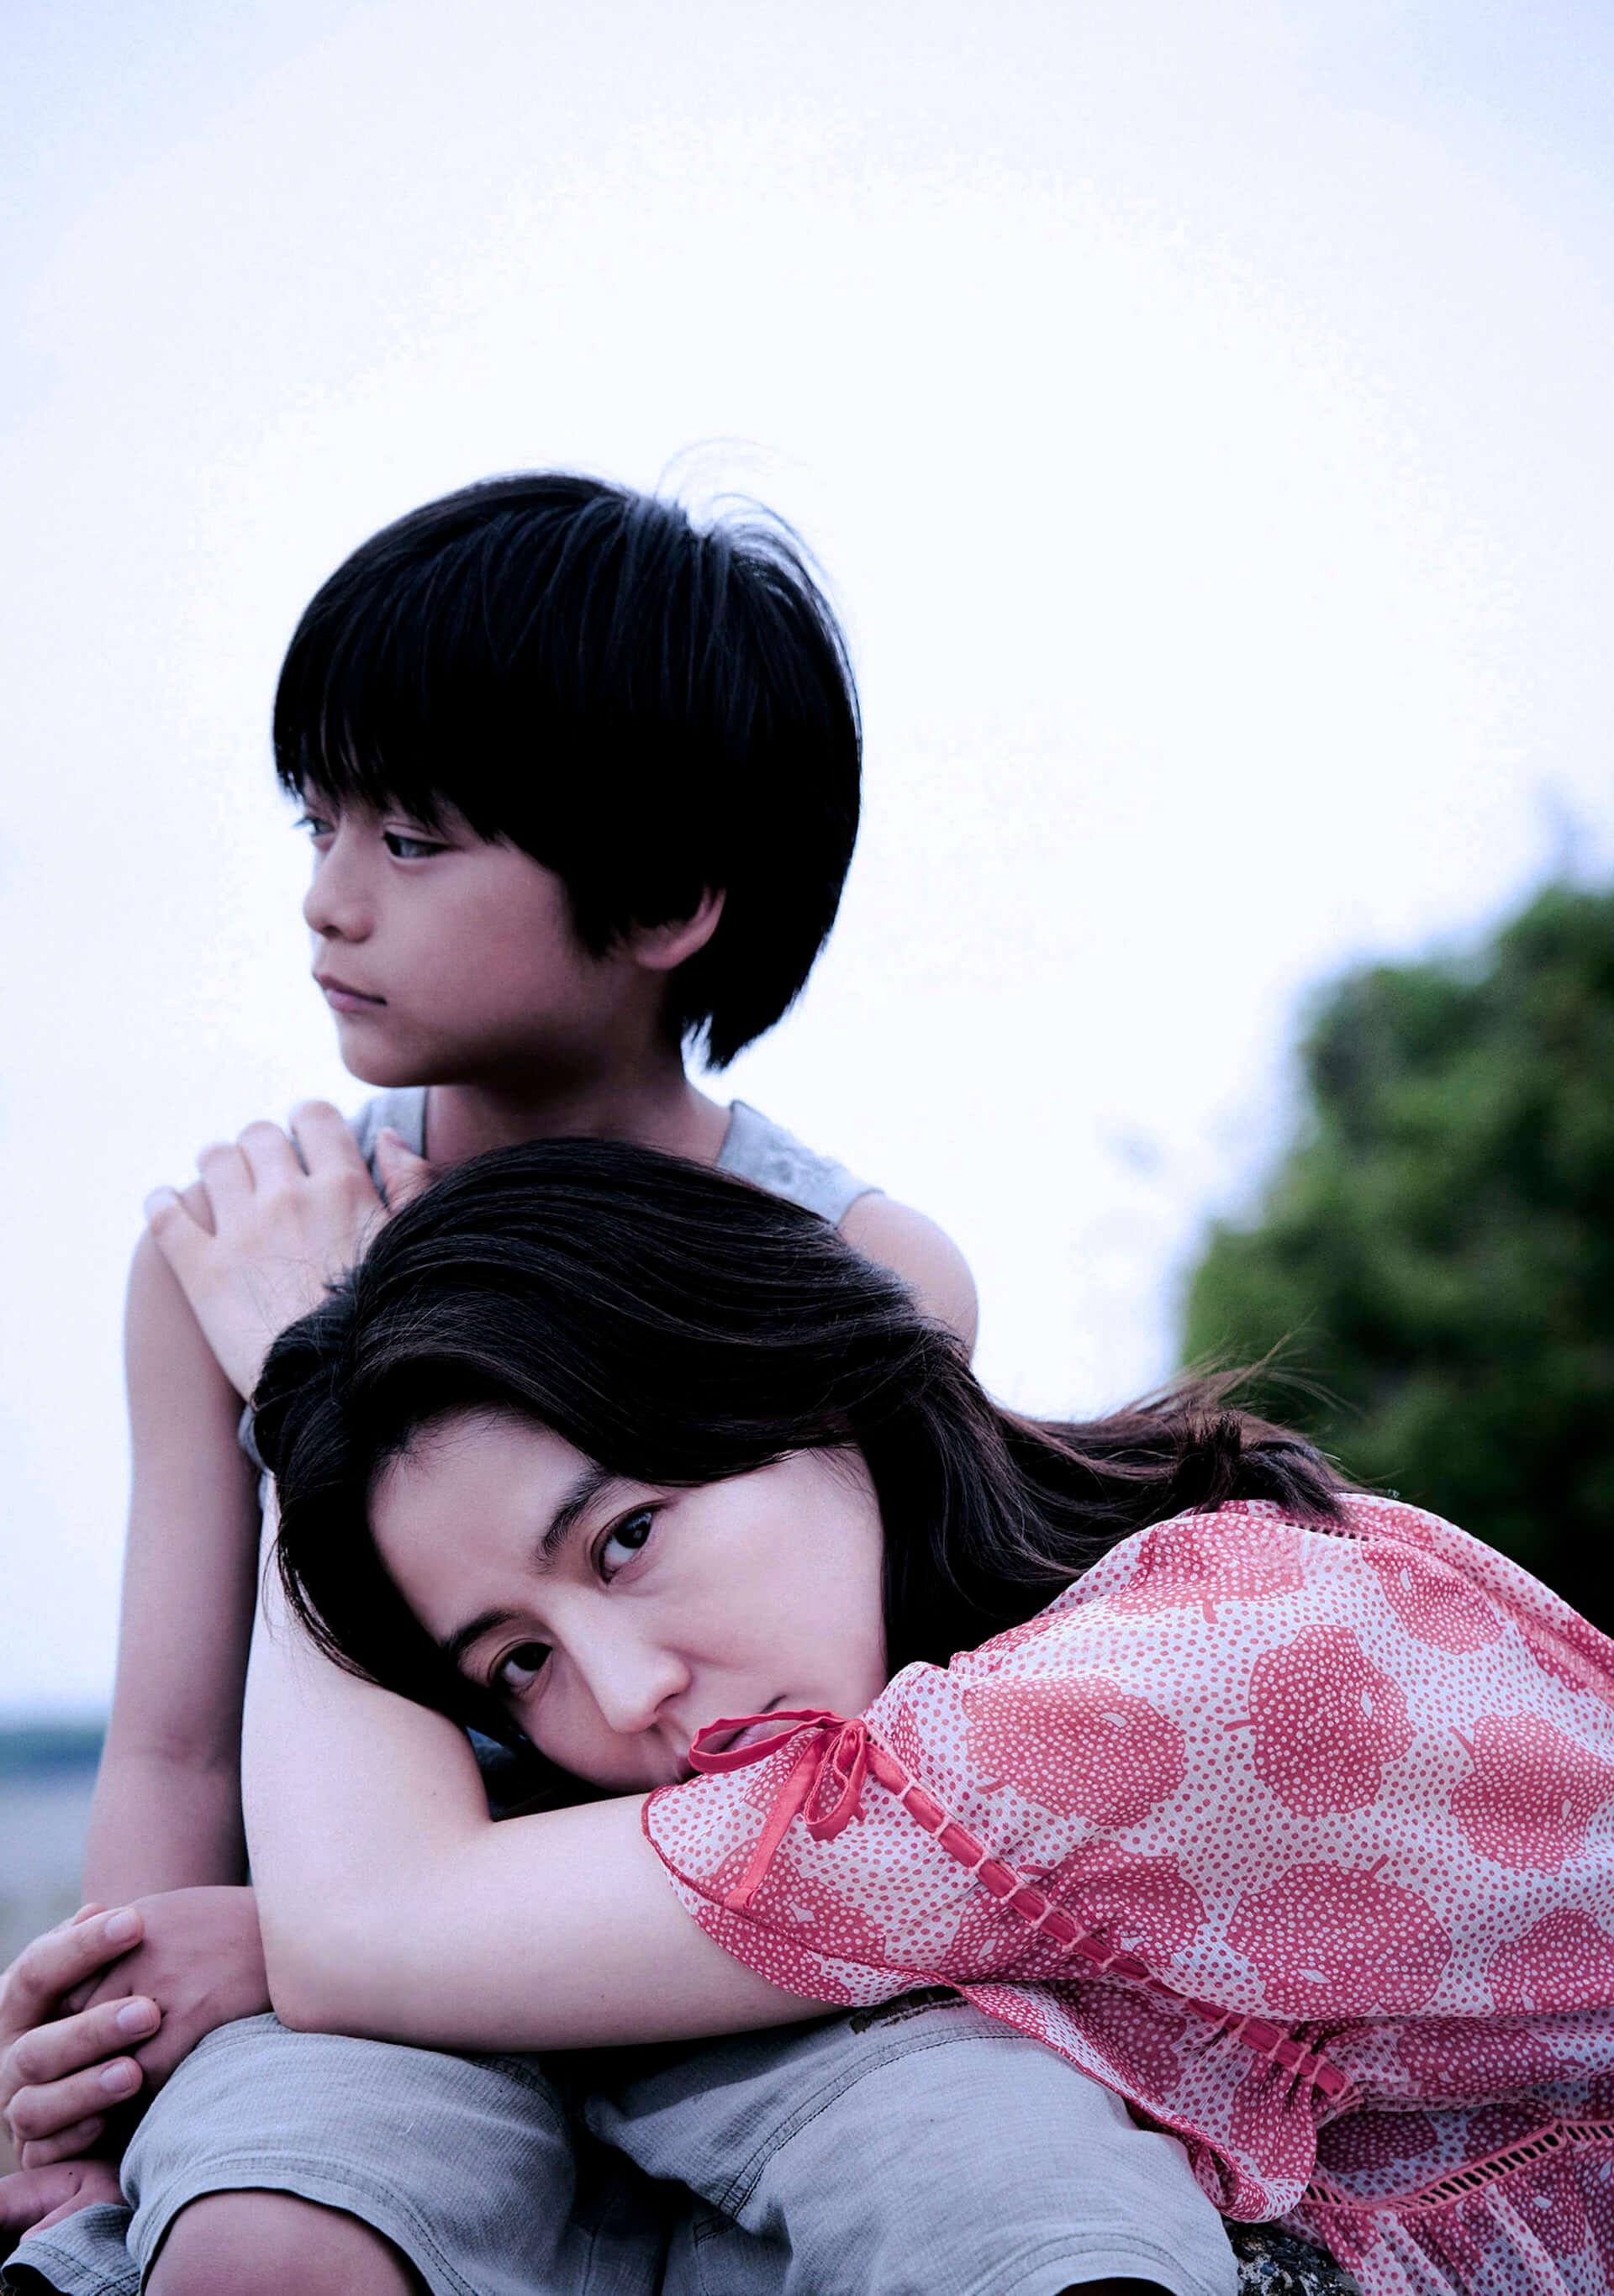 長澤まさみ&阿部サダヲ出演『MOTHER マザー』衝撃の予告映像と第2弾キャストが解禁!長澤が憂鬱な目でこちらを見つめるポスターも film200427_mother_2-1920x2732